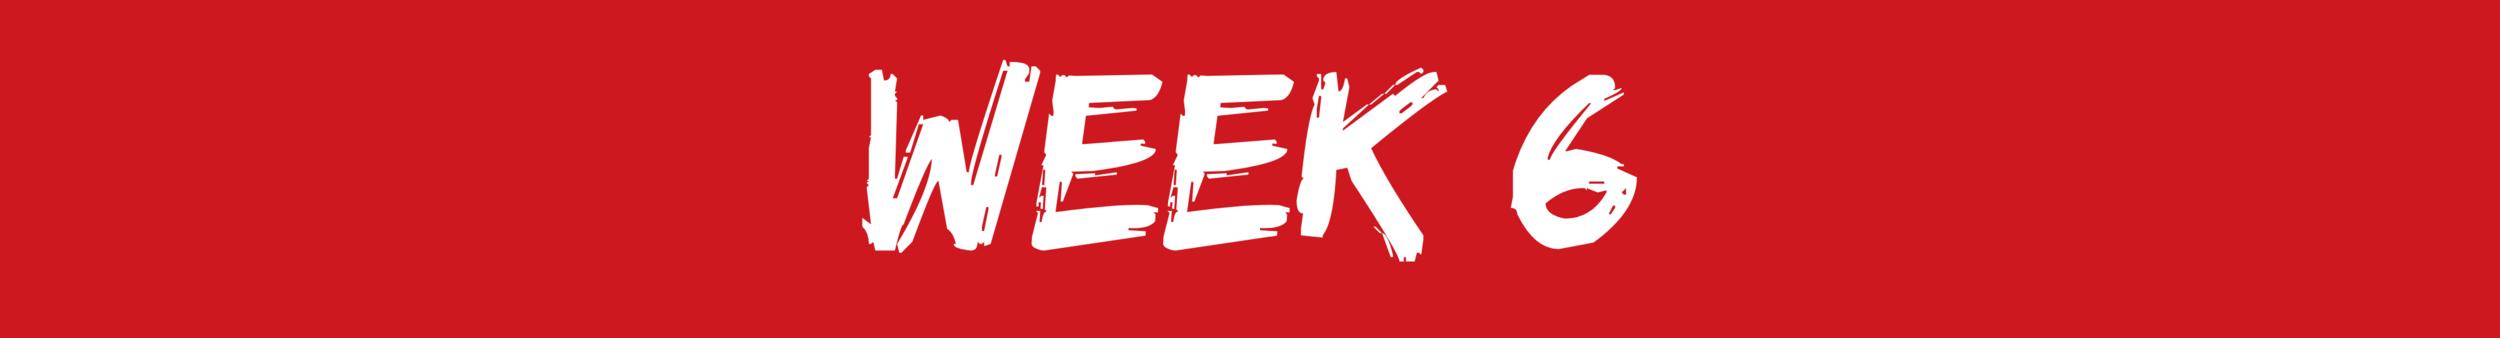 LCA4R week 6.png